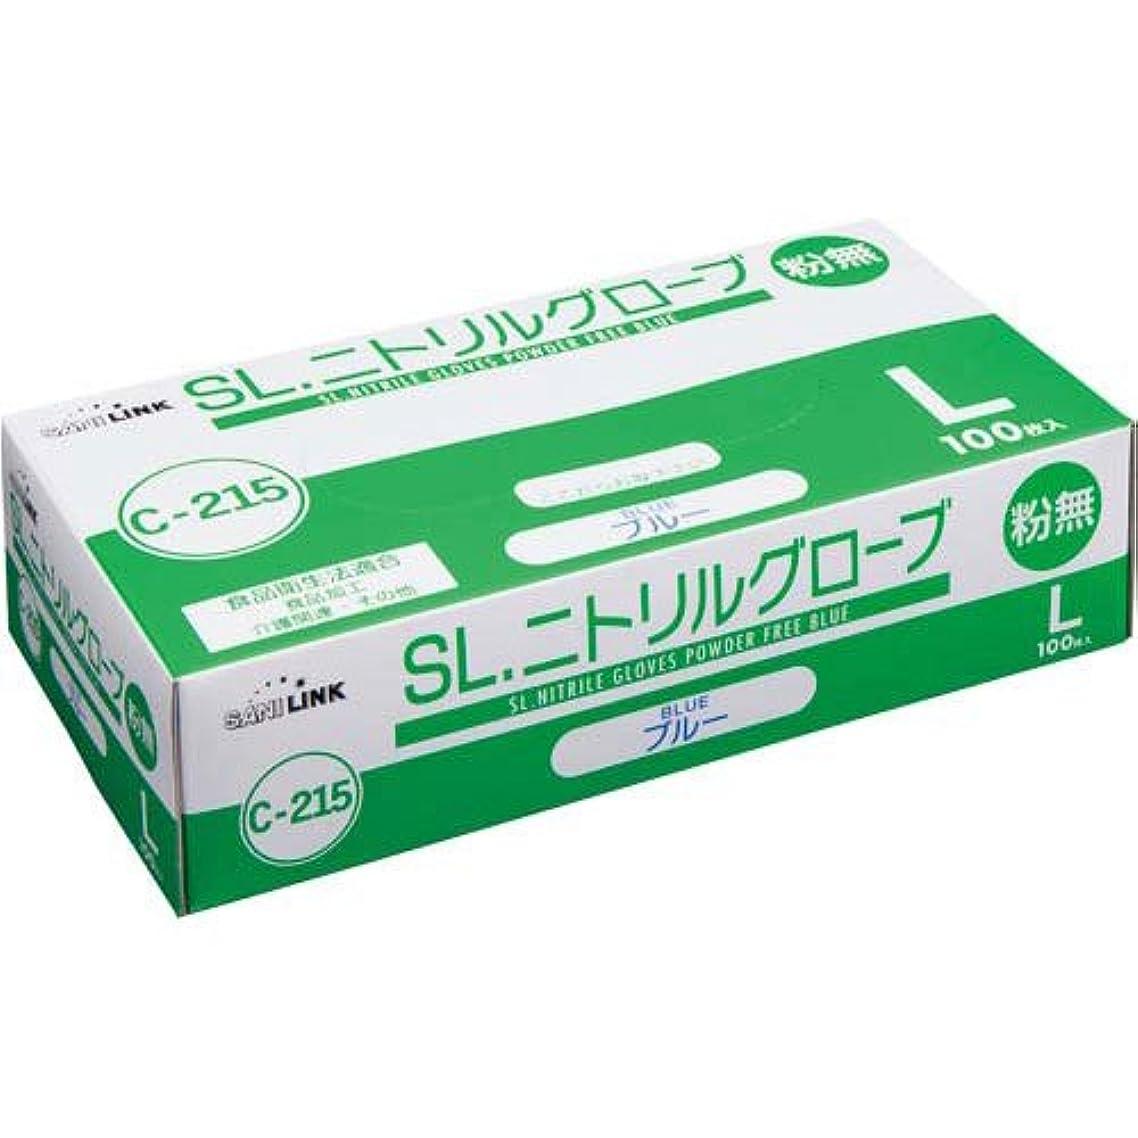 シロクマ腸忘れるフジリンクス ニトリルグローブ粉無Lブルー100枚×30